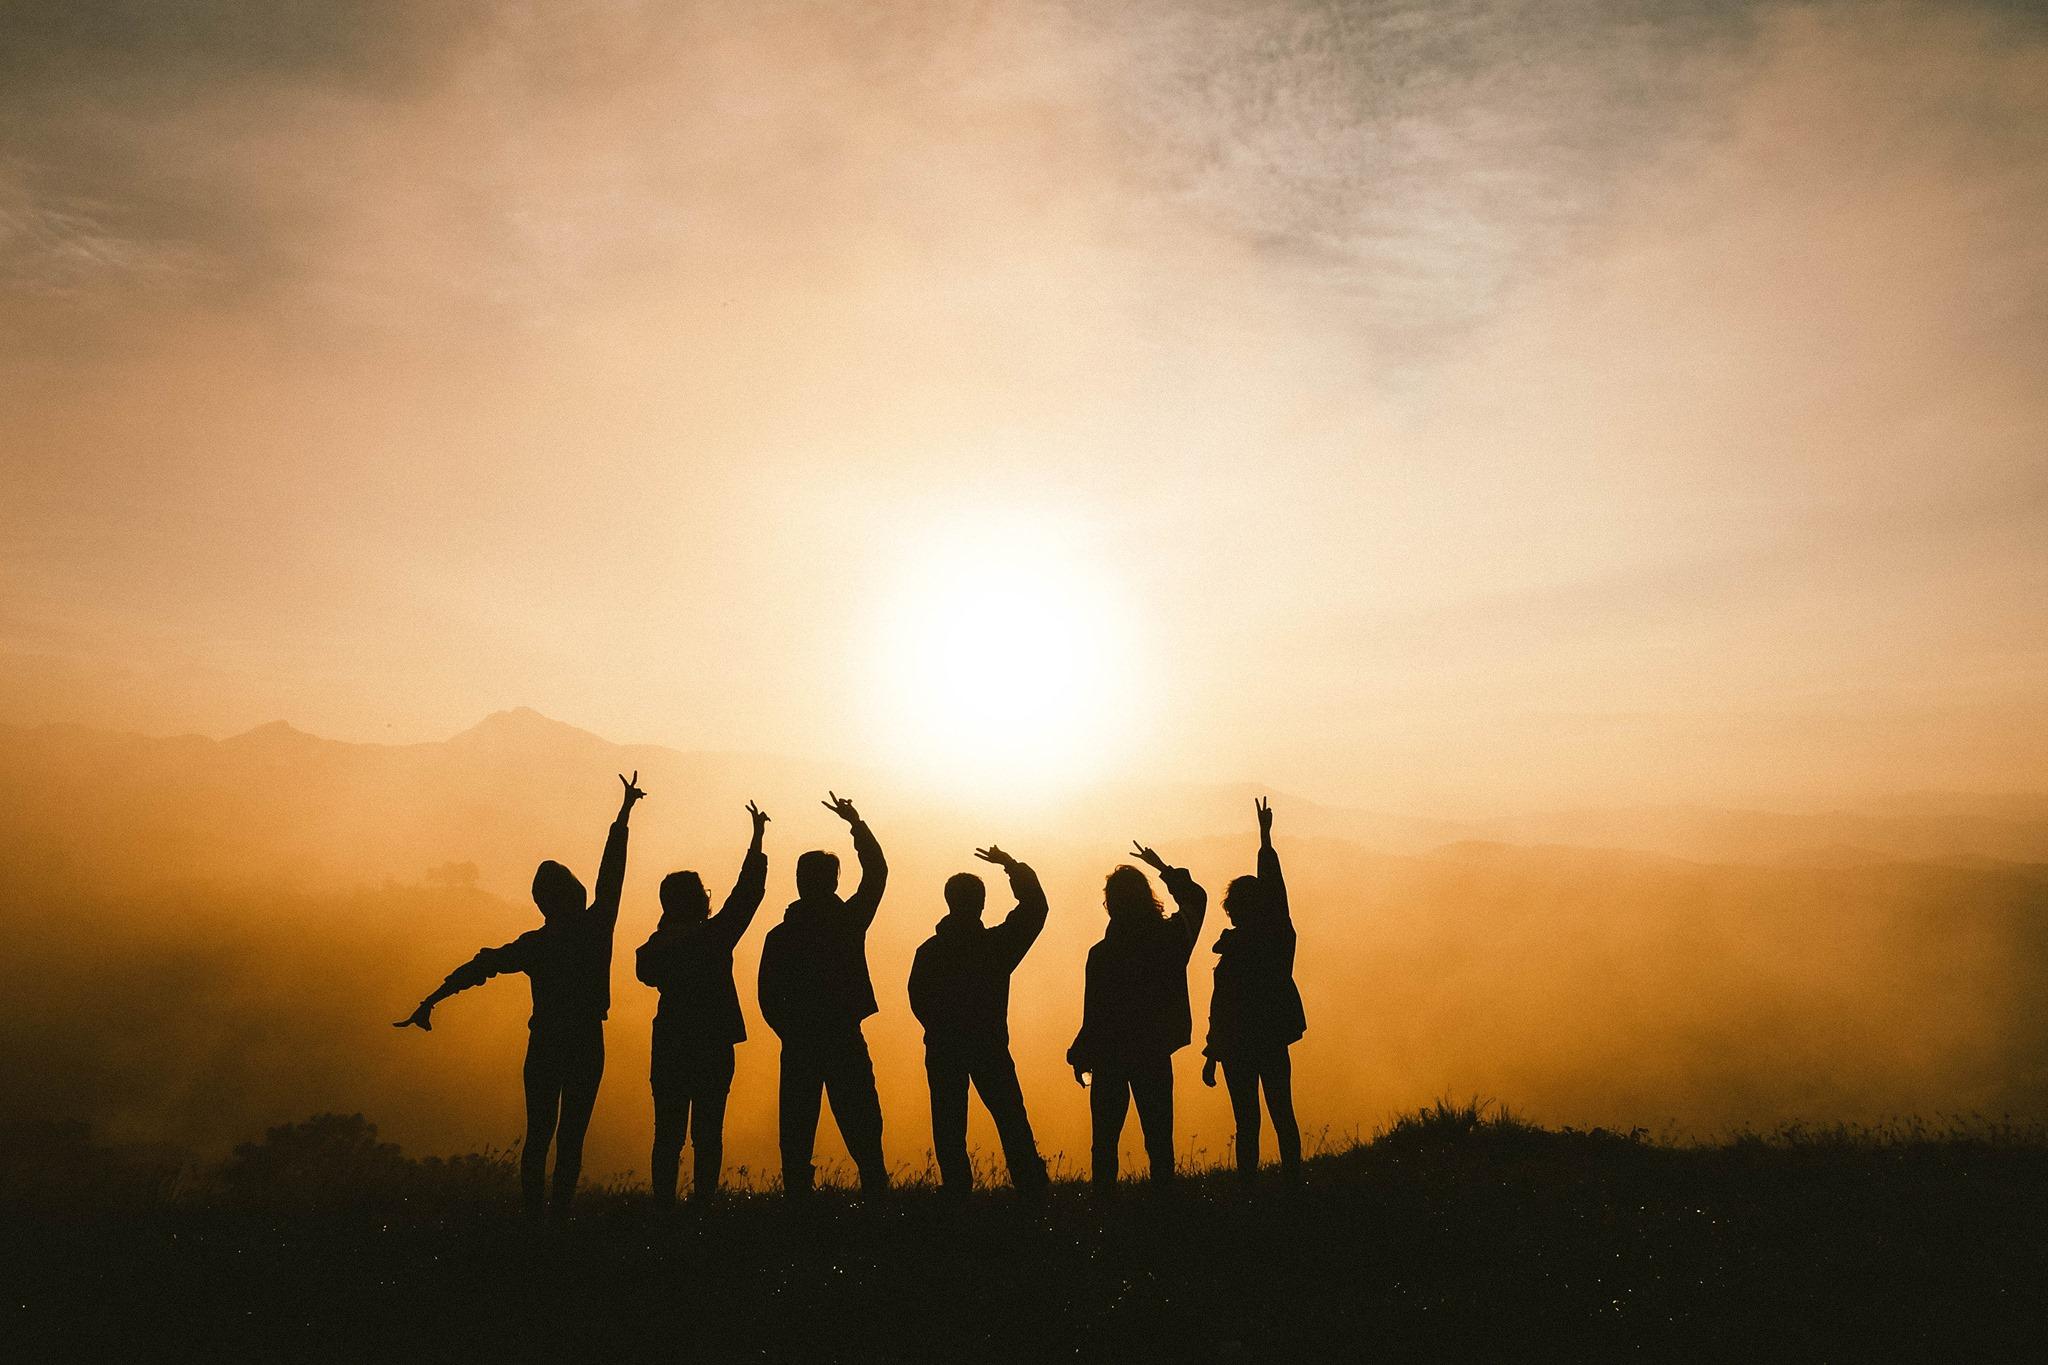 Liikkuen iloa-ryhmäliikuntaa